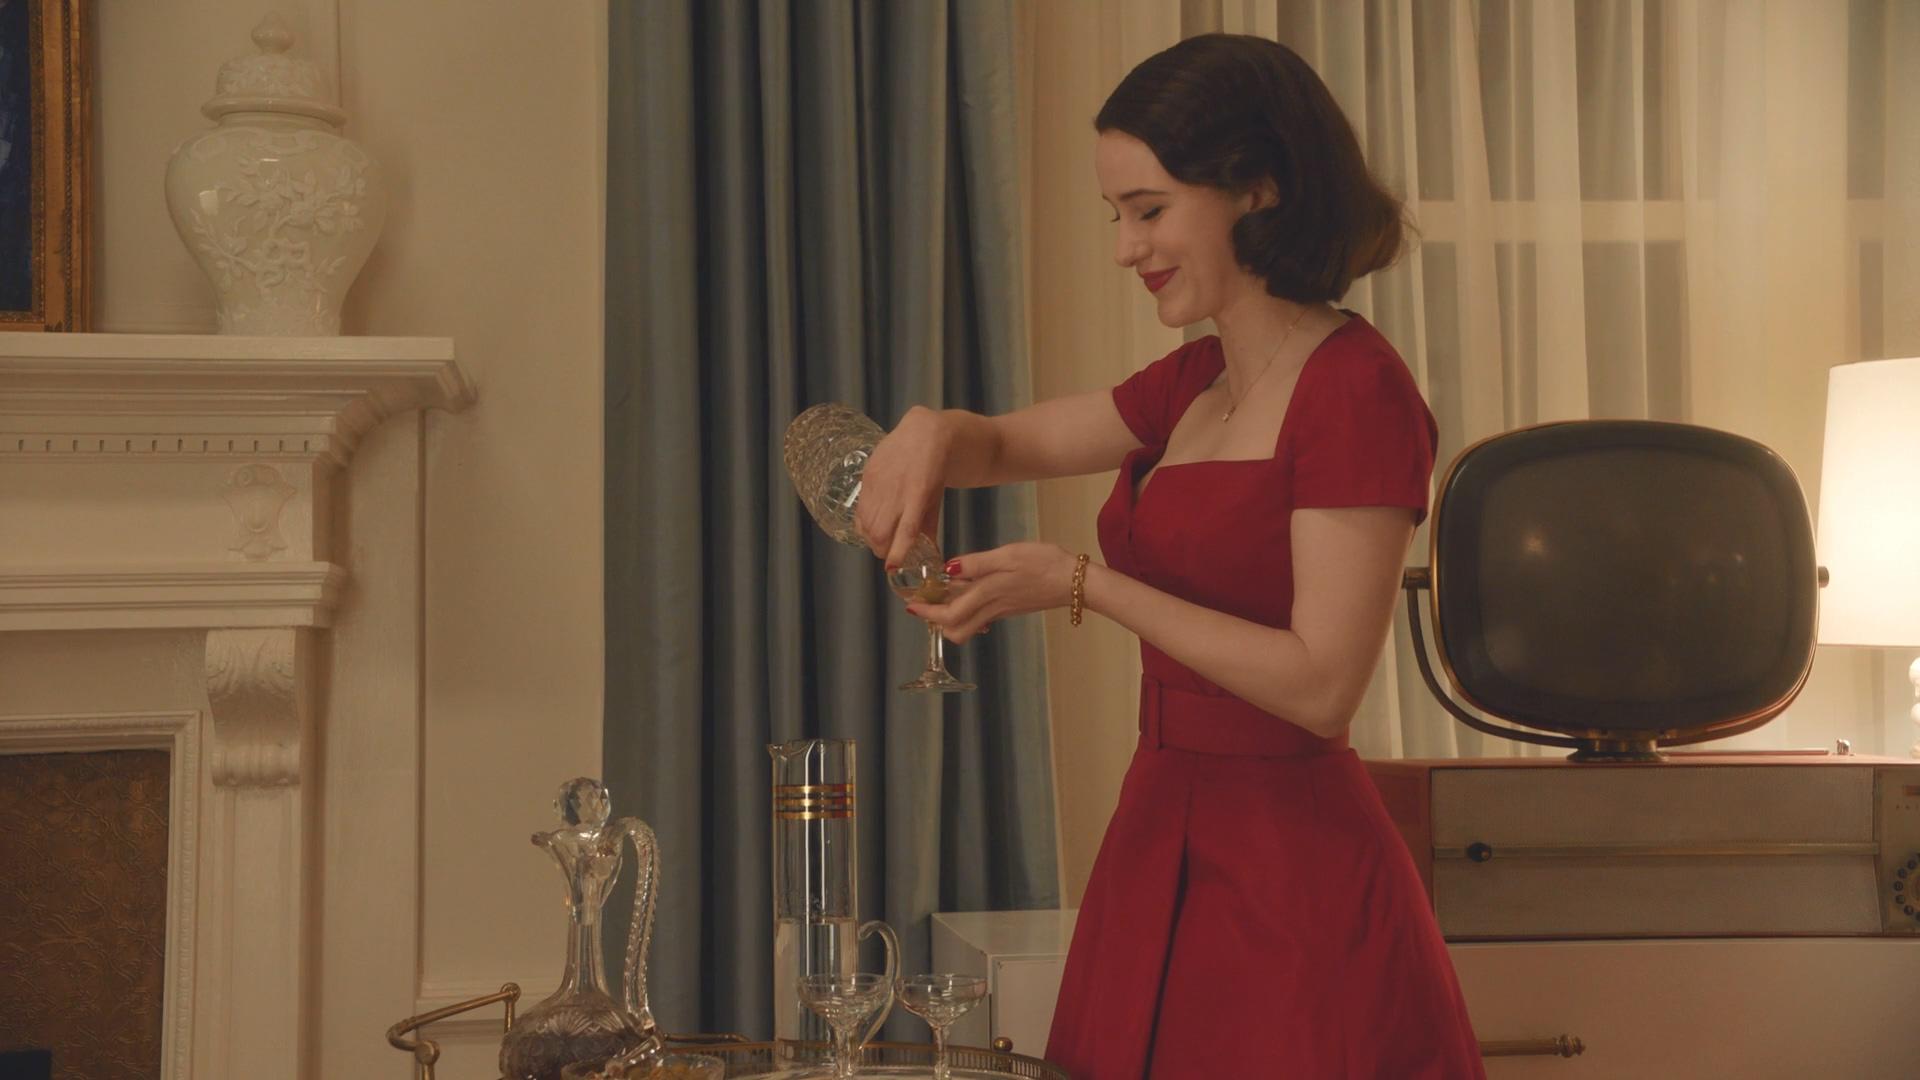 《了不起的麦瑟尔女性》是把夫人适合的老短发心型脸励志女生图片